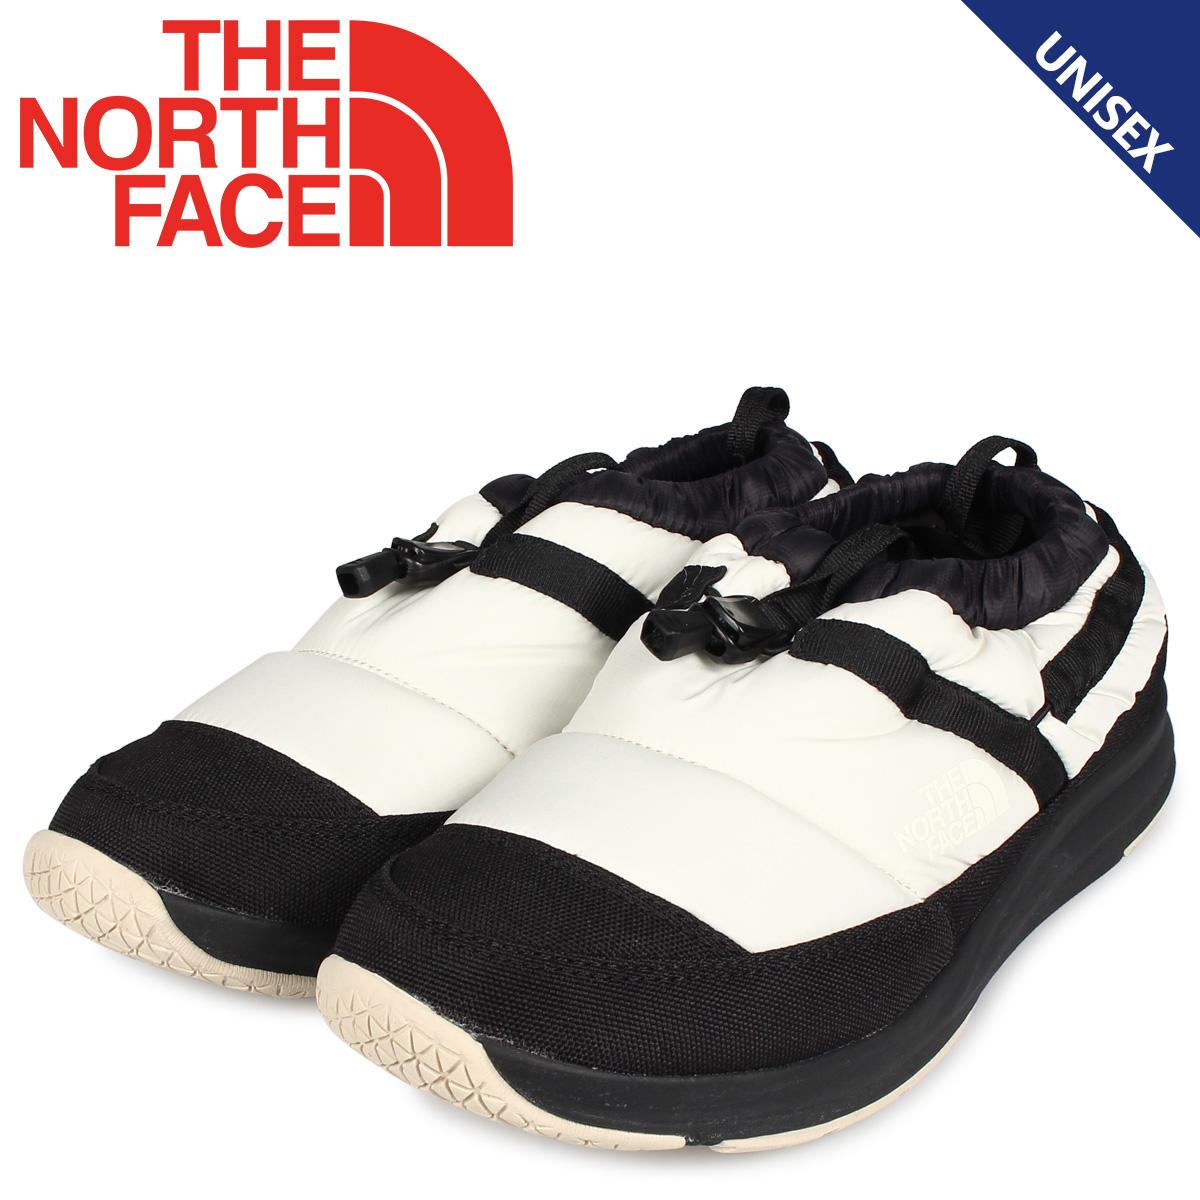 THE NORTH FACE ノースフェイス ヌプシ トラクションライト モック 4 シューズ スリッポン メンズ レディース NUPTSE TRACTION LITE MOC 4 ホワイト 白 NF51985